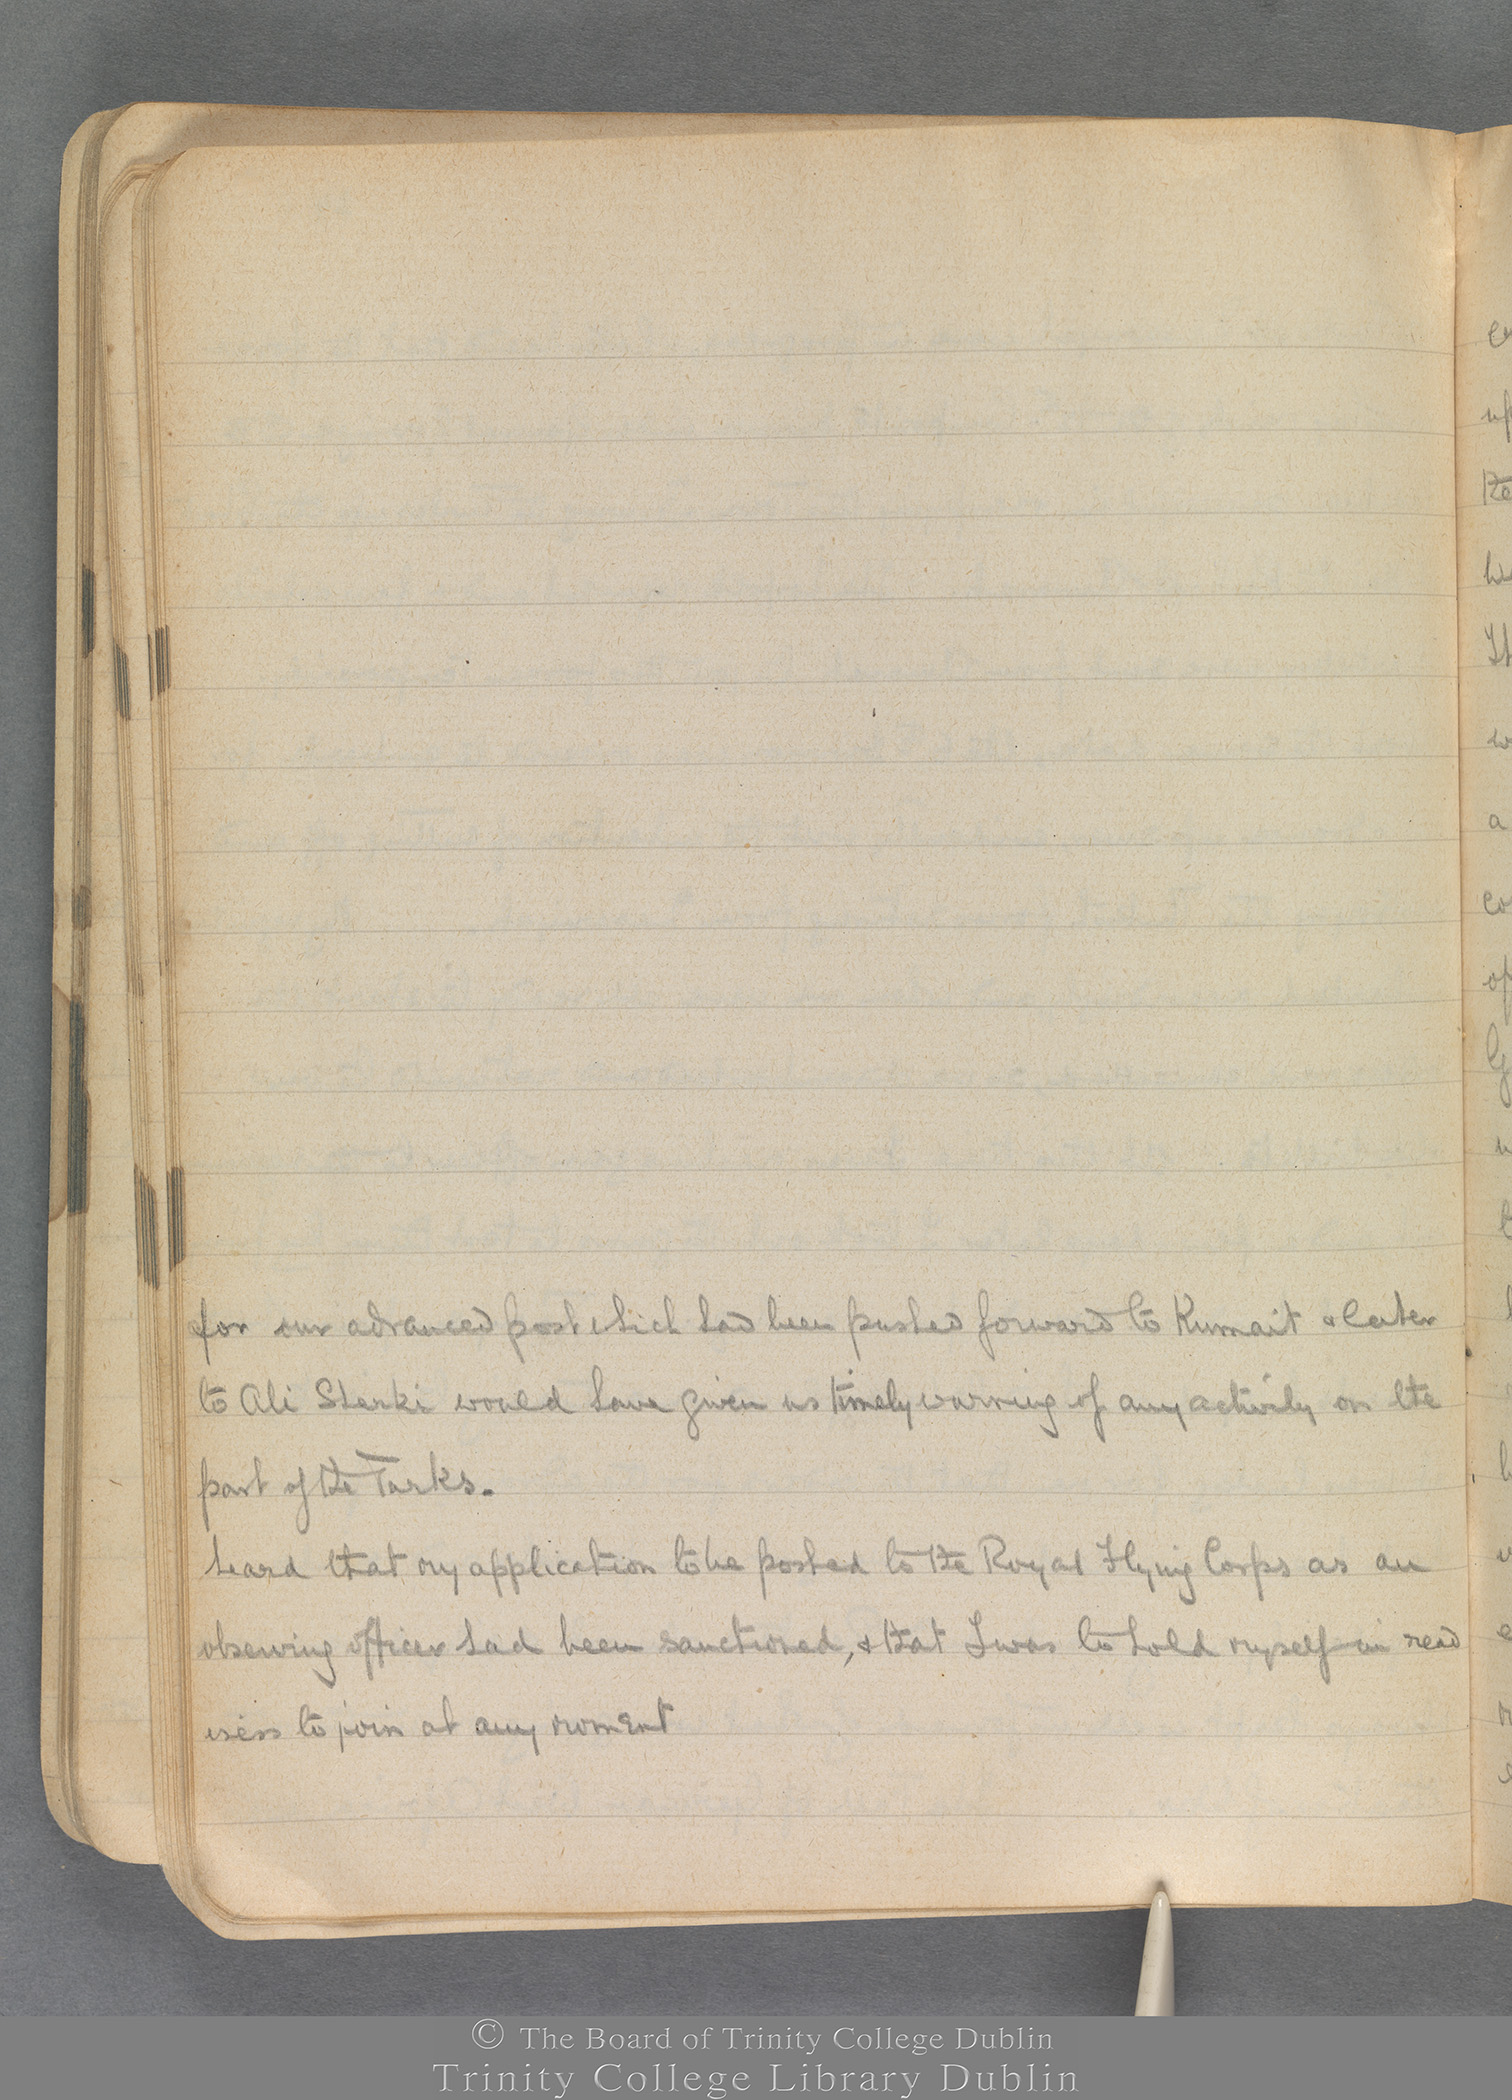 TCD MS 3414 folio 34 verso